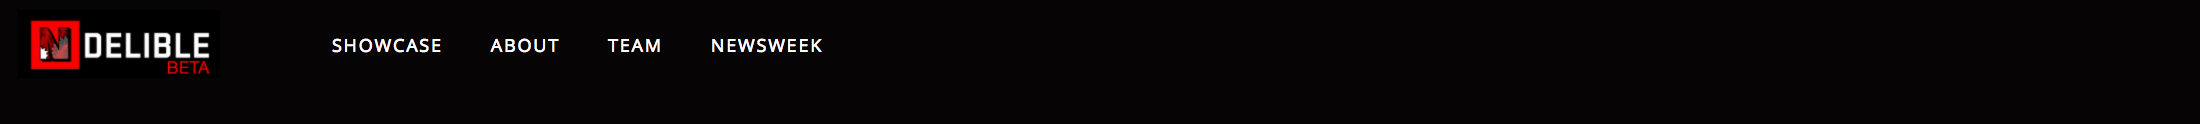 Screen Shot 2019-04-23 at 3.08.40 PM.png